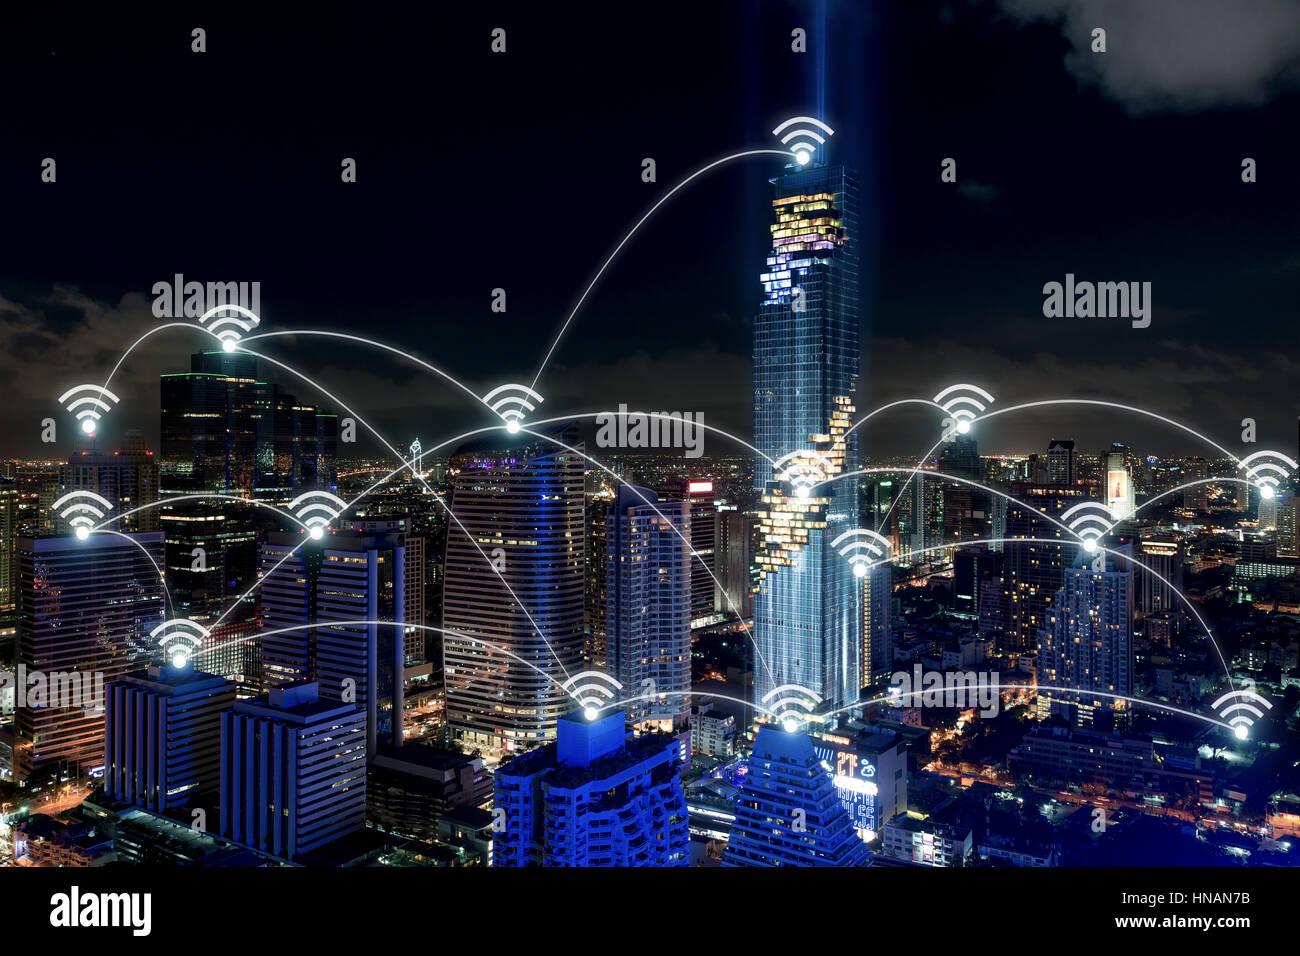 Smart-City und drahtlose Kommunikationsnetz, Geschäftsviertel mit Bürogebäude, abstraktes Bild visuell, Stockbild